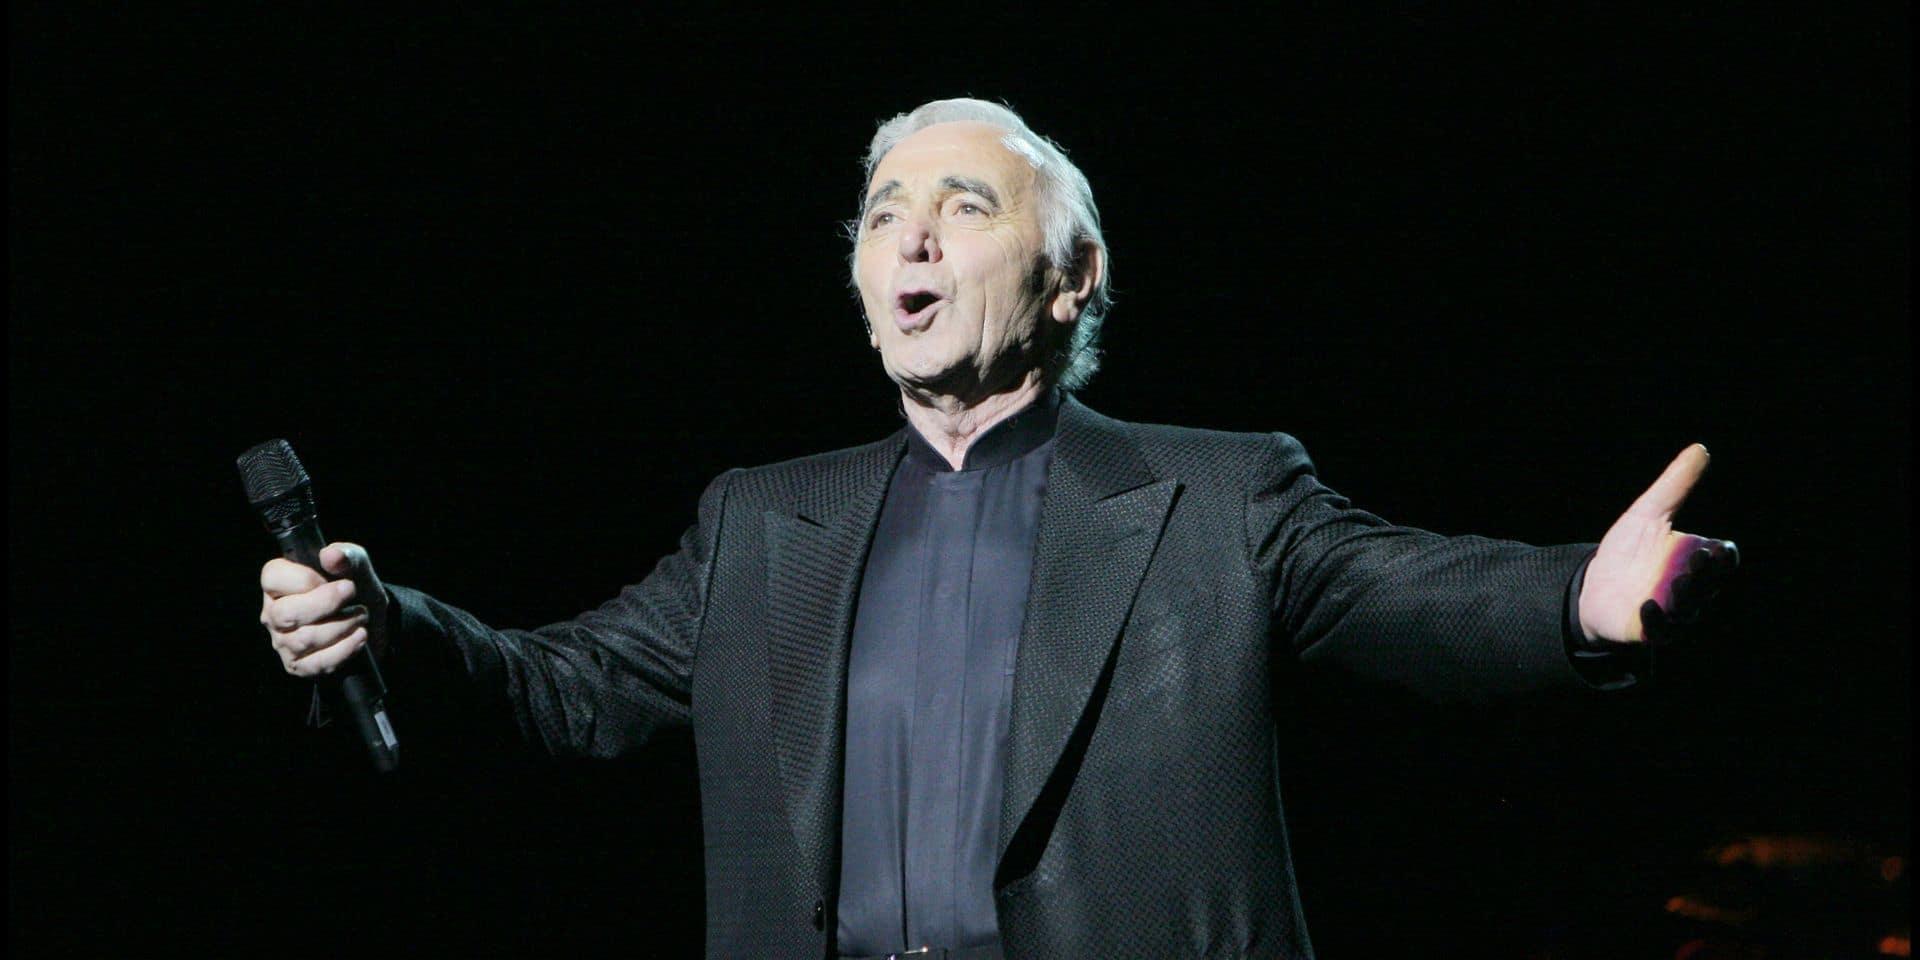 Les dix tubes d'Aznavour qui l'ont emmené en haut de l'affiche